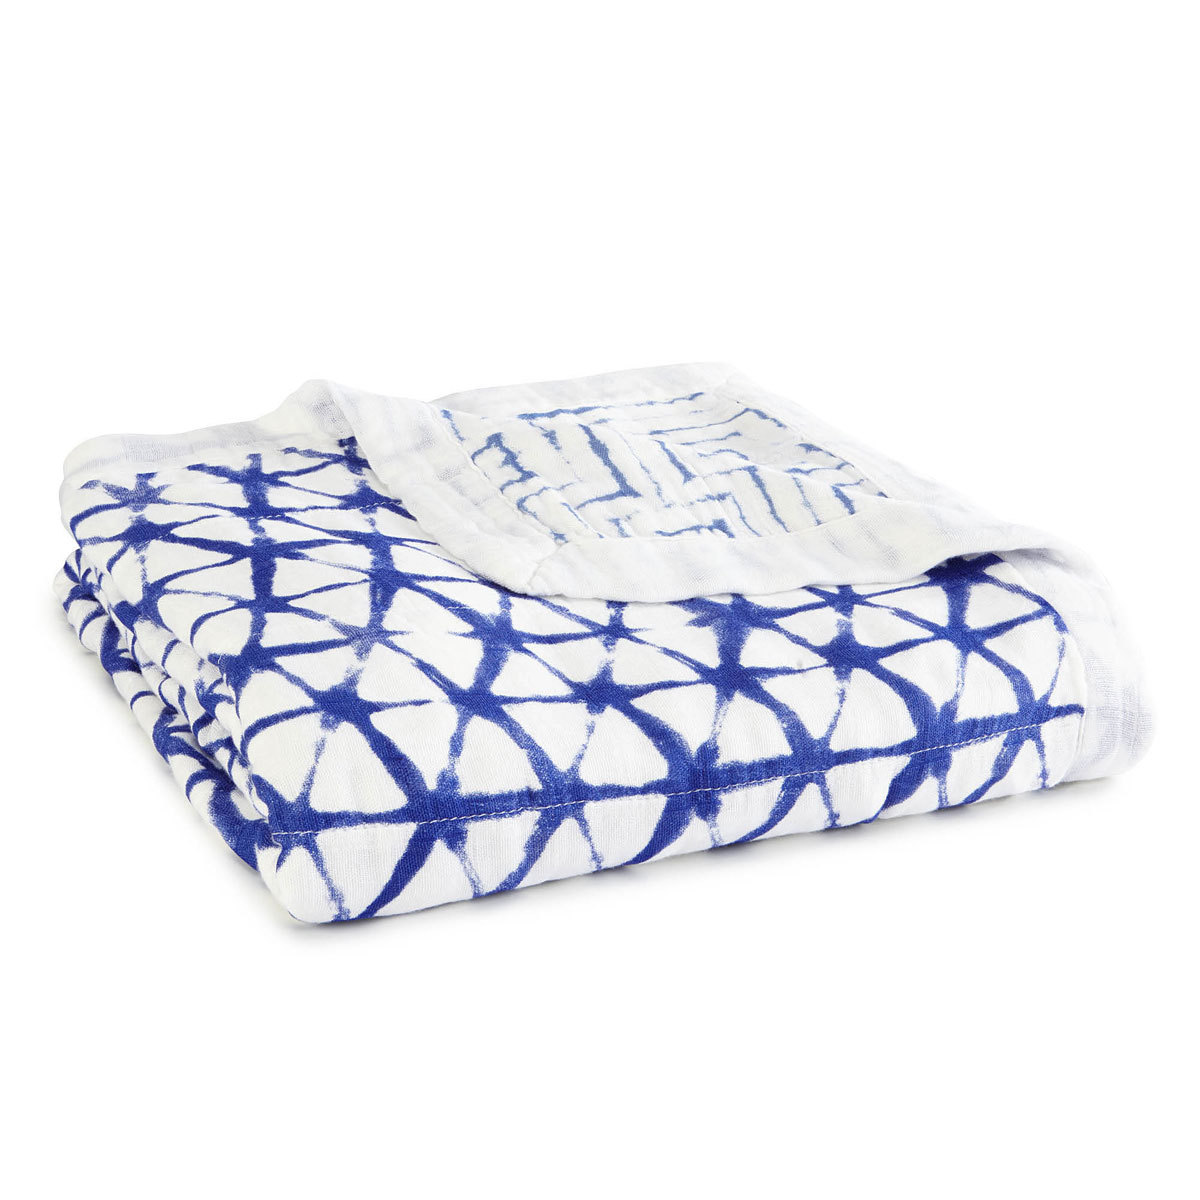 Linge de lit Couverture de Rêve - Indigo Shibori Couverture de Rêve - Indigo Shibori